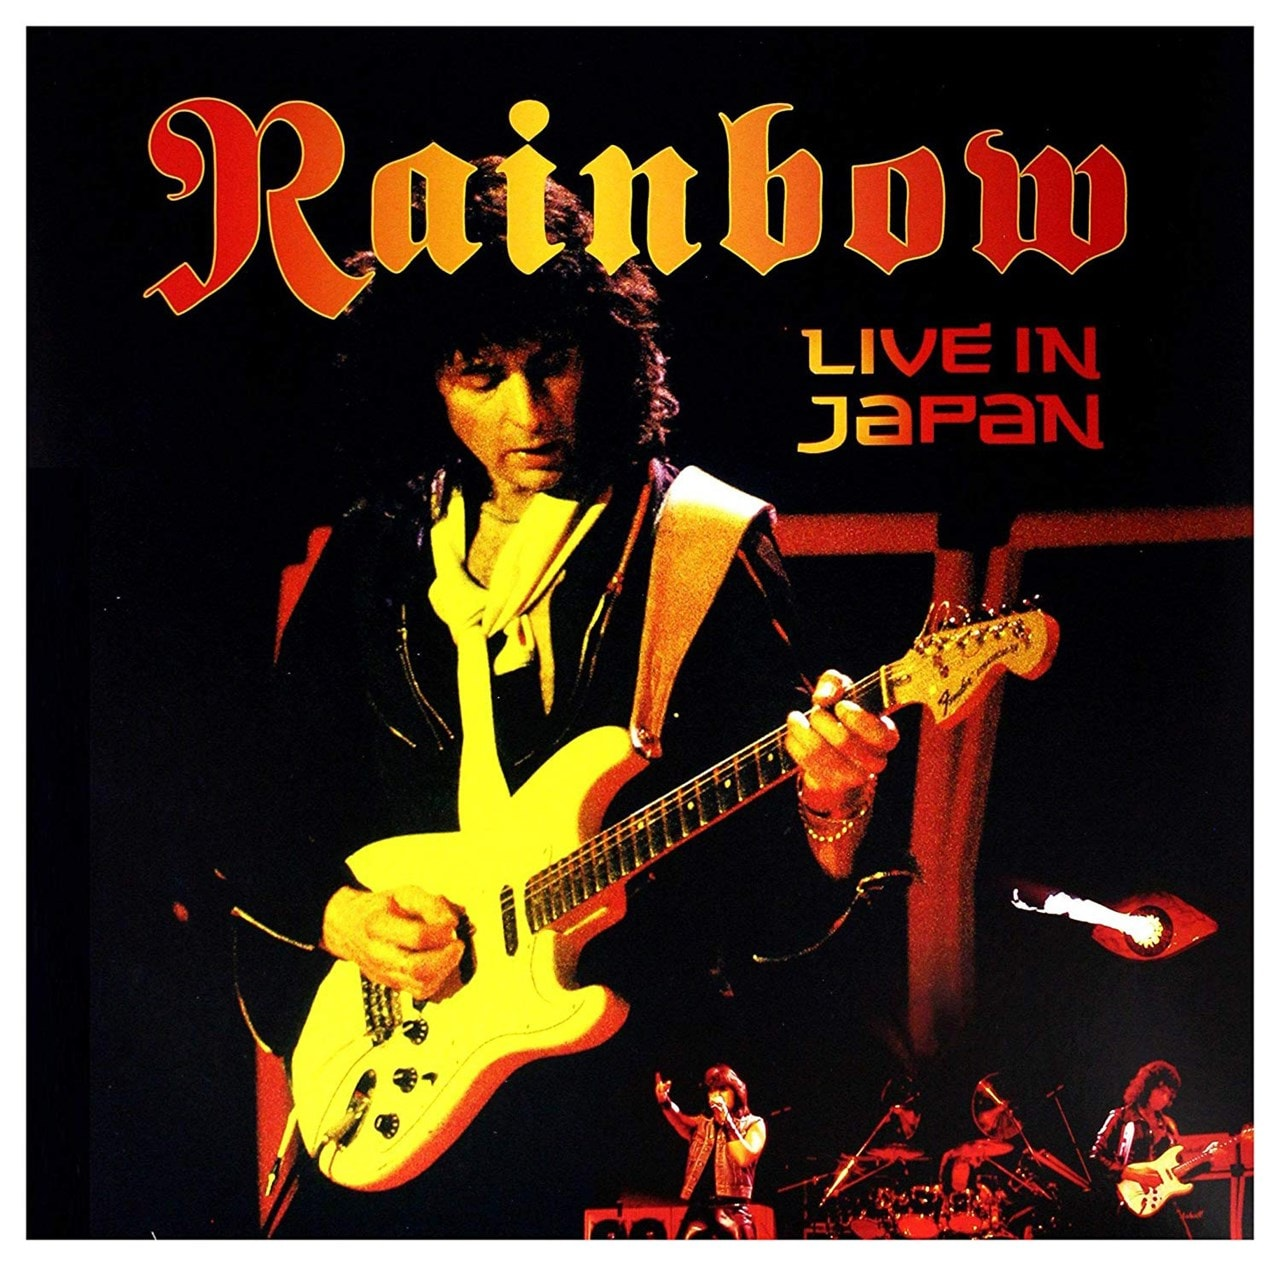 Live in Japan - 1